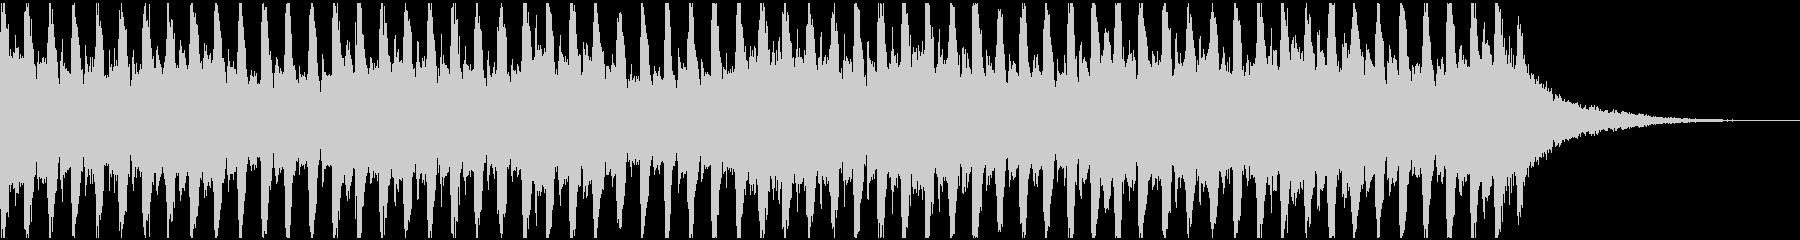 ポップ ロック 民謡 コーポレート...の未再生の波形